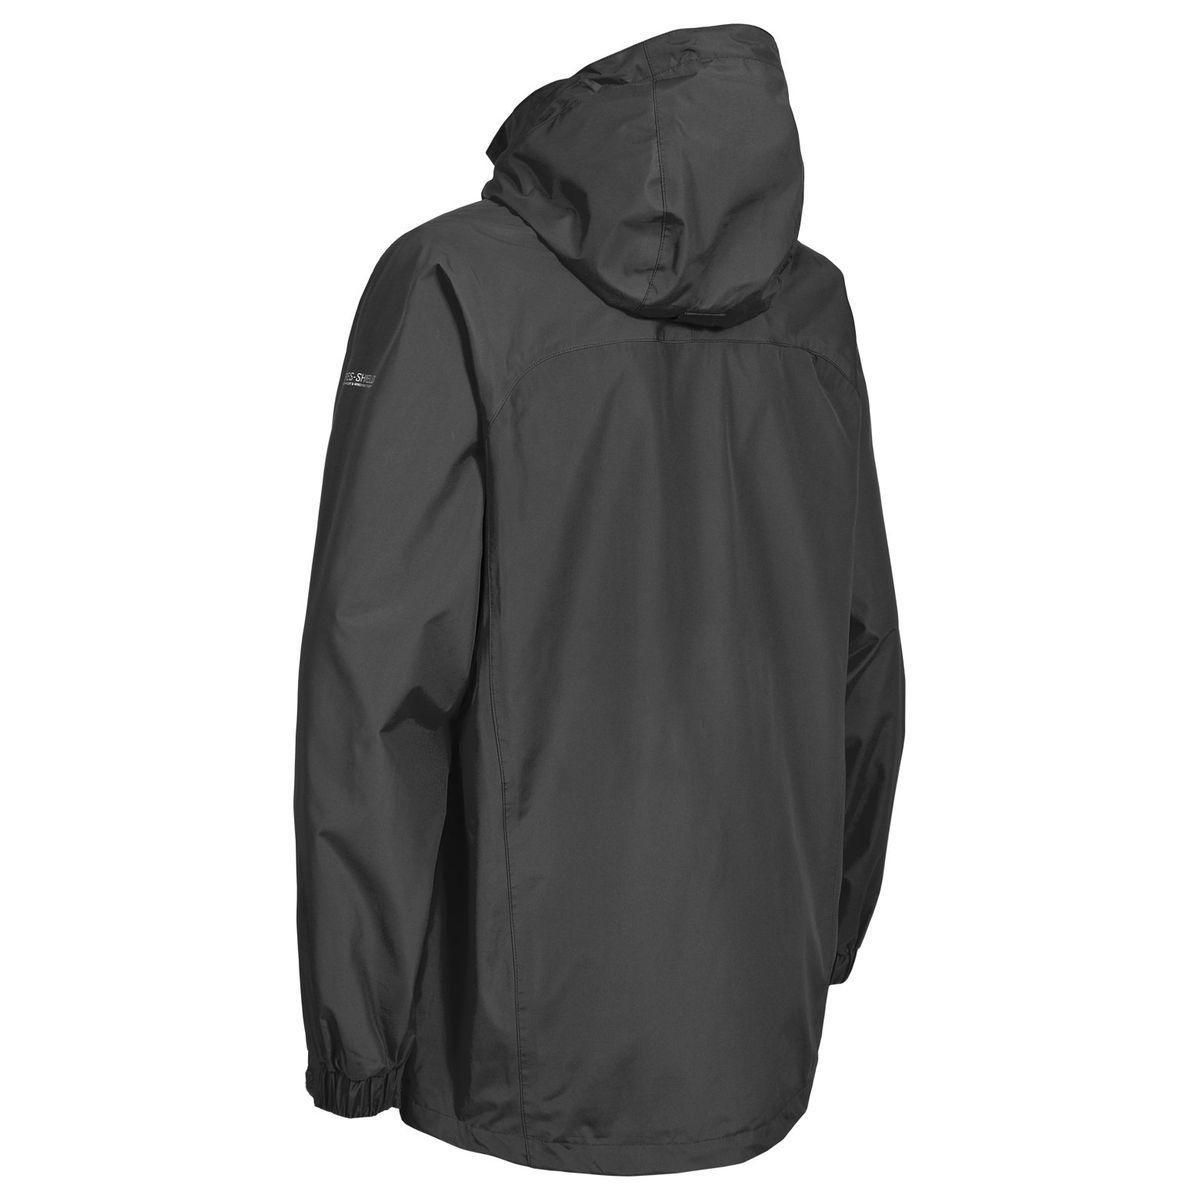 CHARGE - veste coupe-vent imperméable - femme